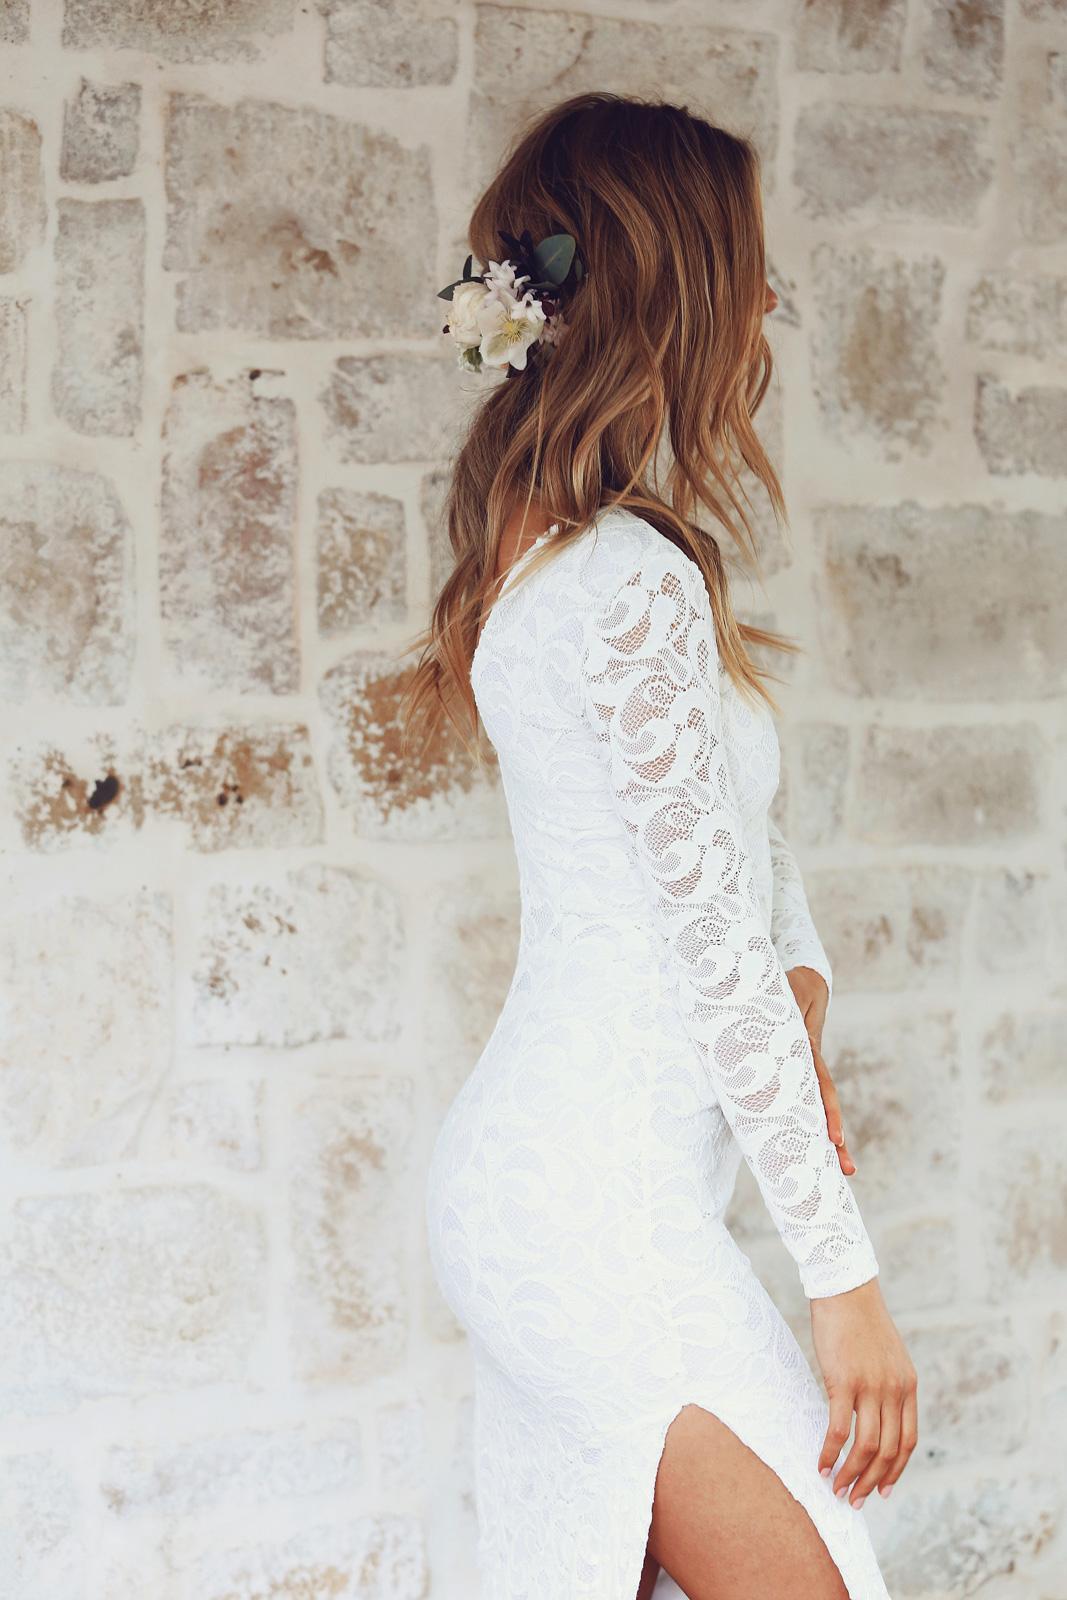 Wedding Dress Designer | Grace Loves Lace Kiki Gown 2.0 | Love Find Co.